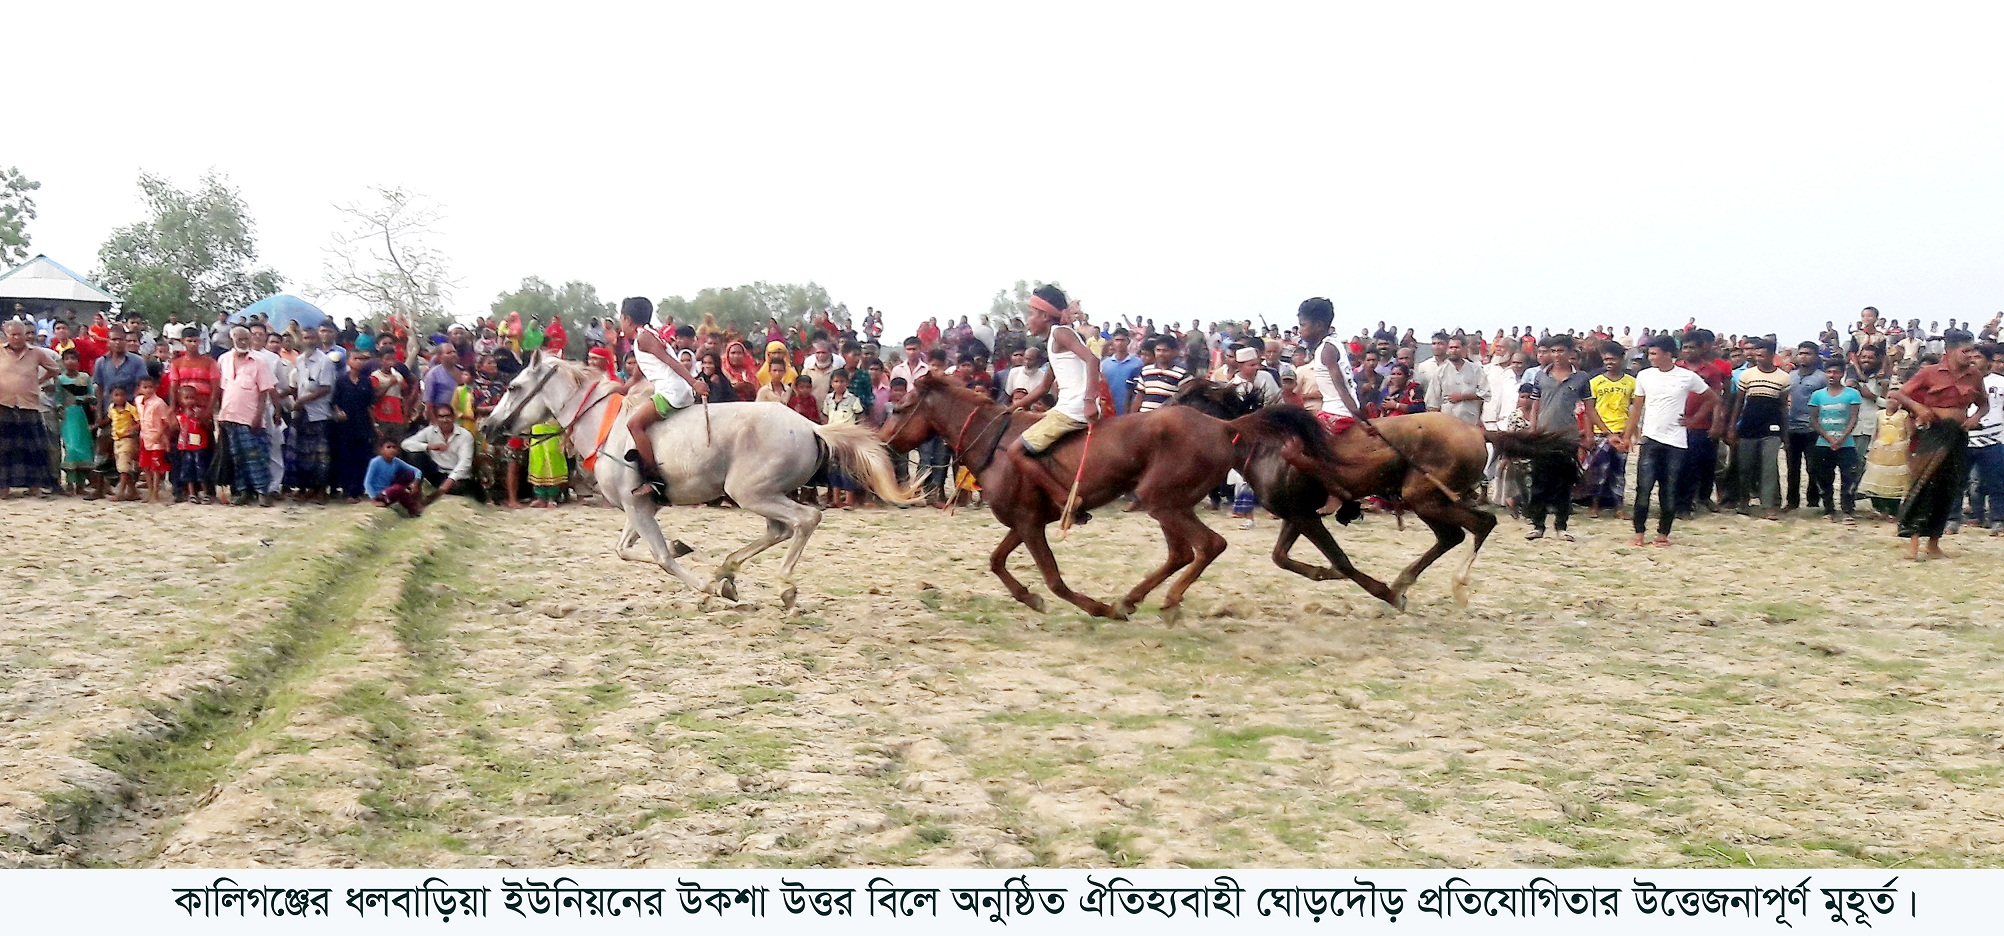 কালিগঞ্জের উকশায় ঘোড়দৌড় প্রতিযোগিতা